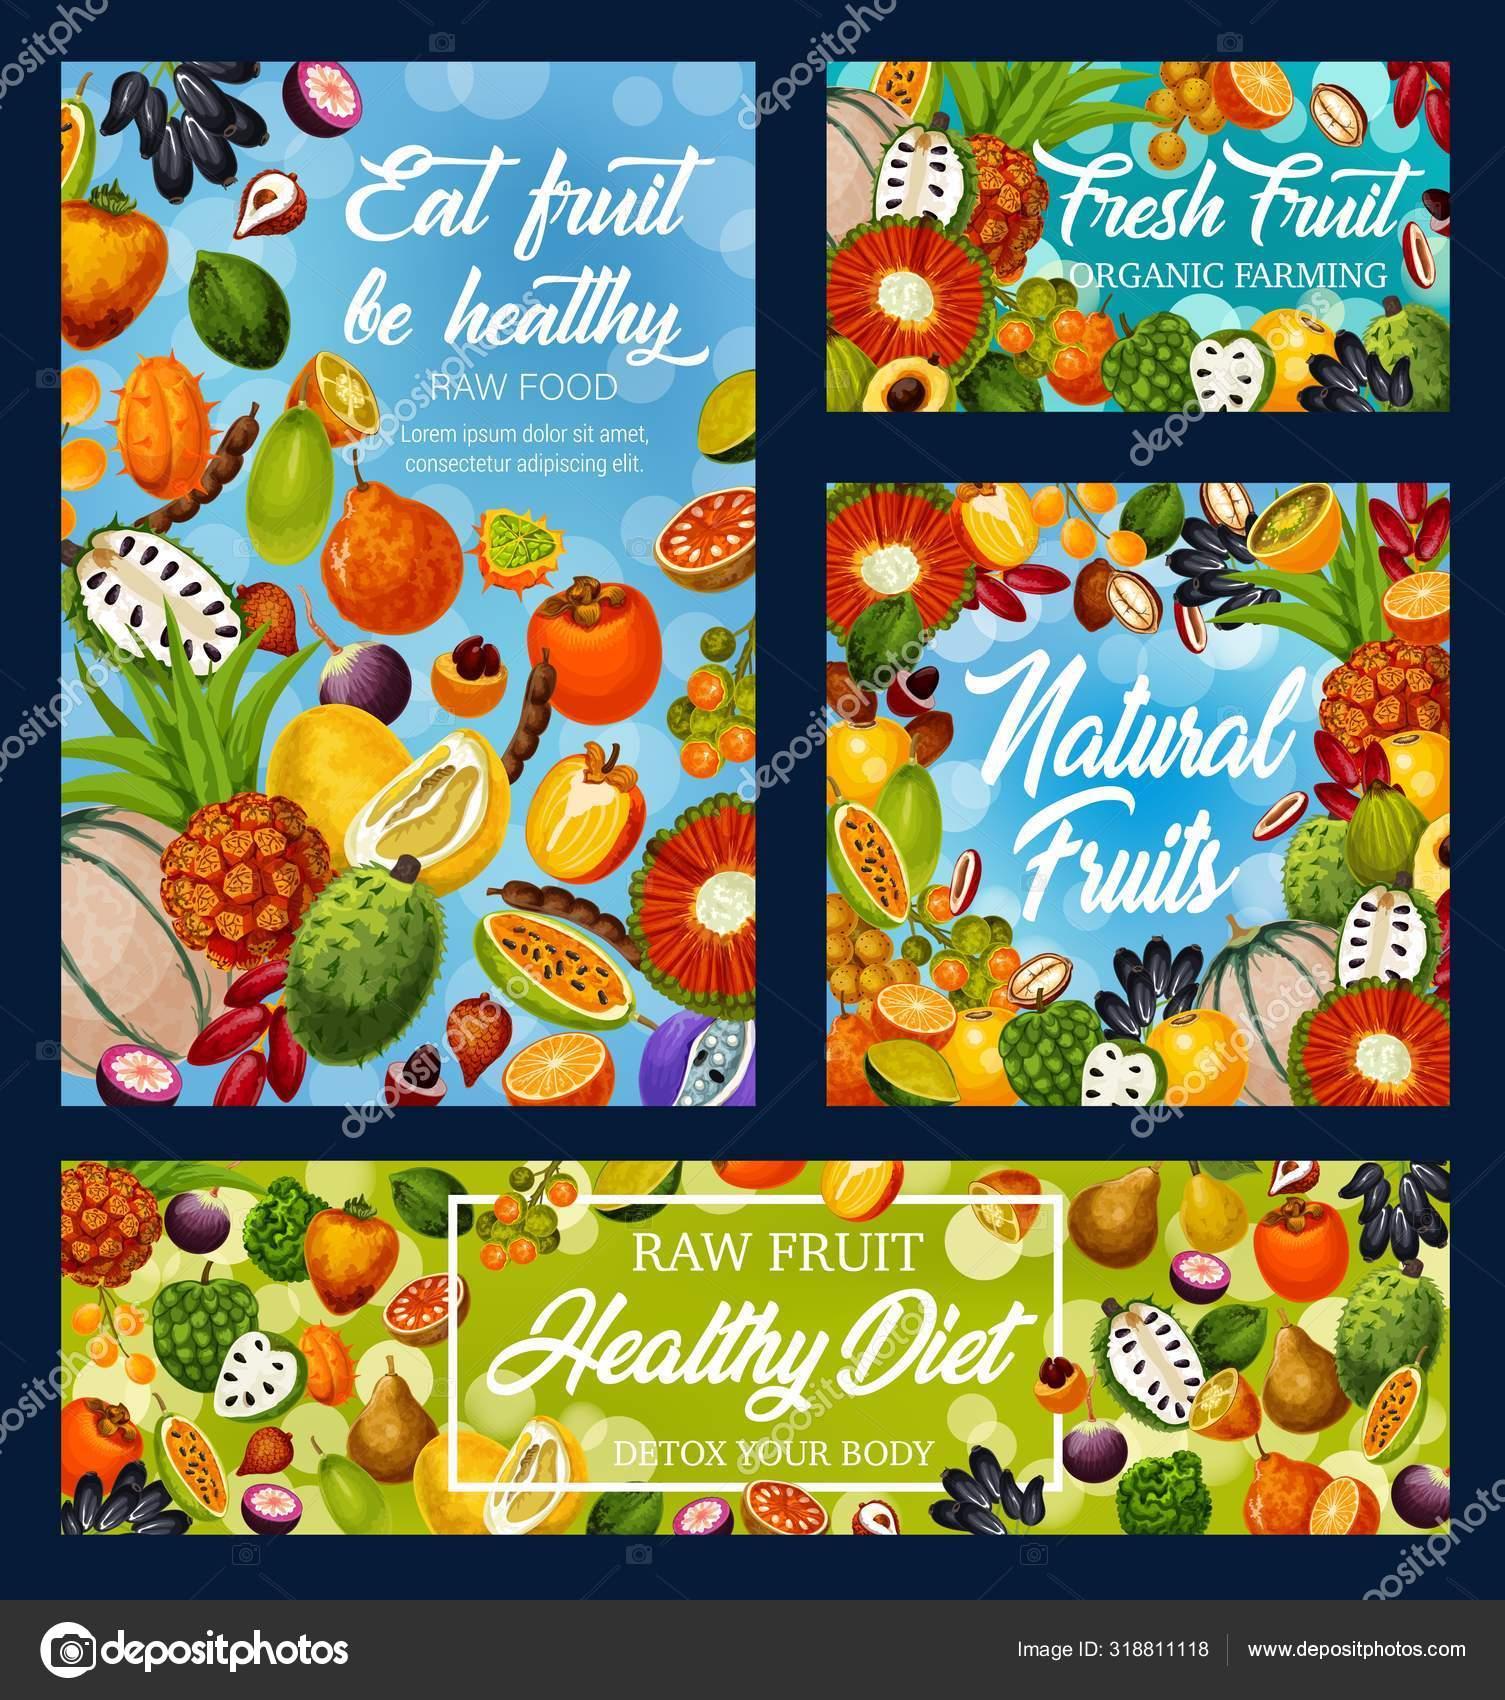 méregtelenítő menü gyümölcslevekkel hpv szemolcs betadine